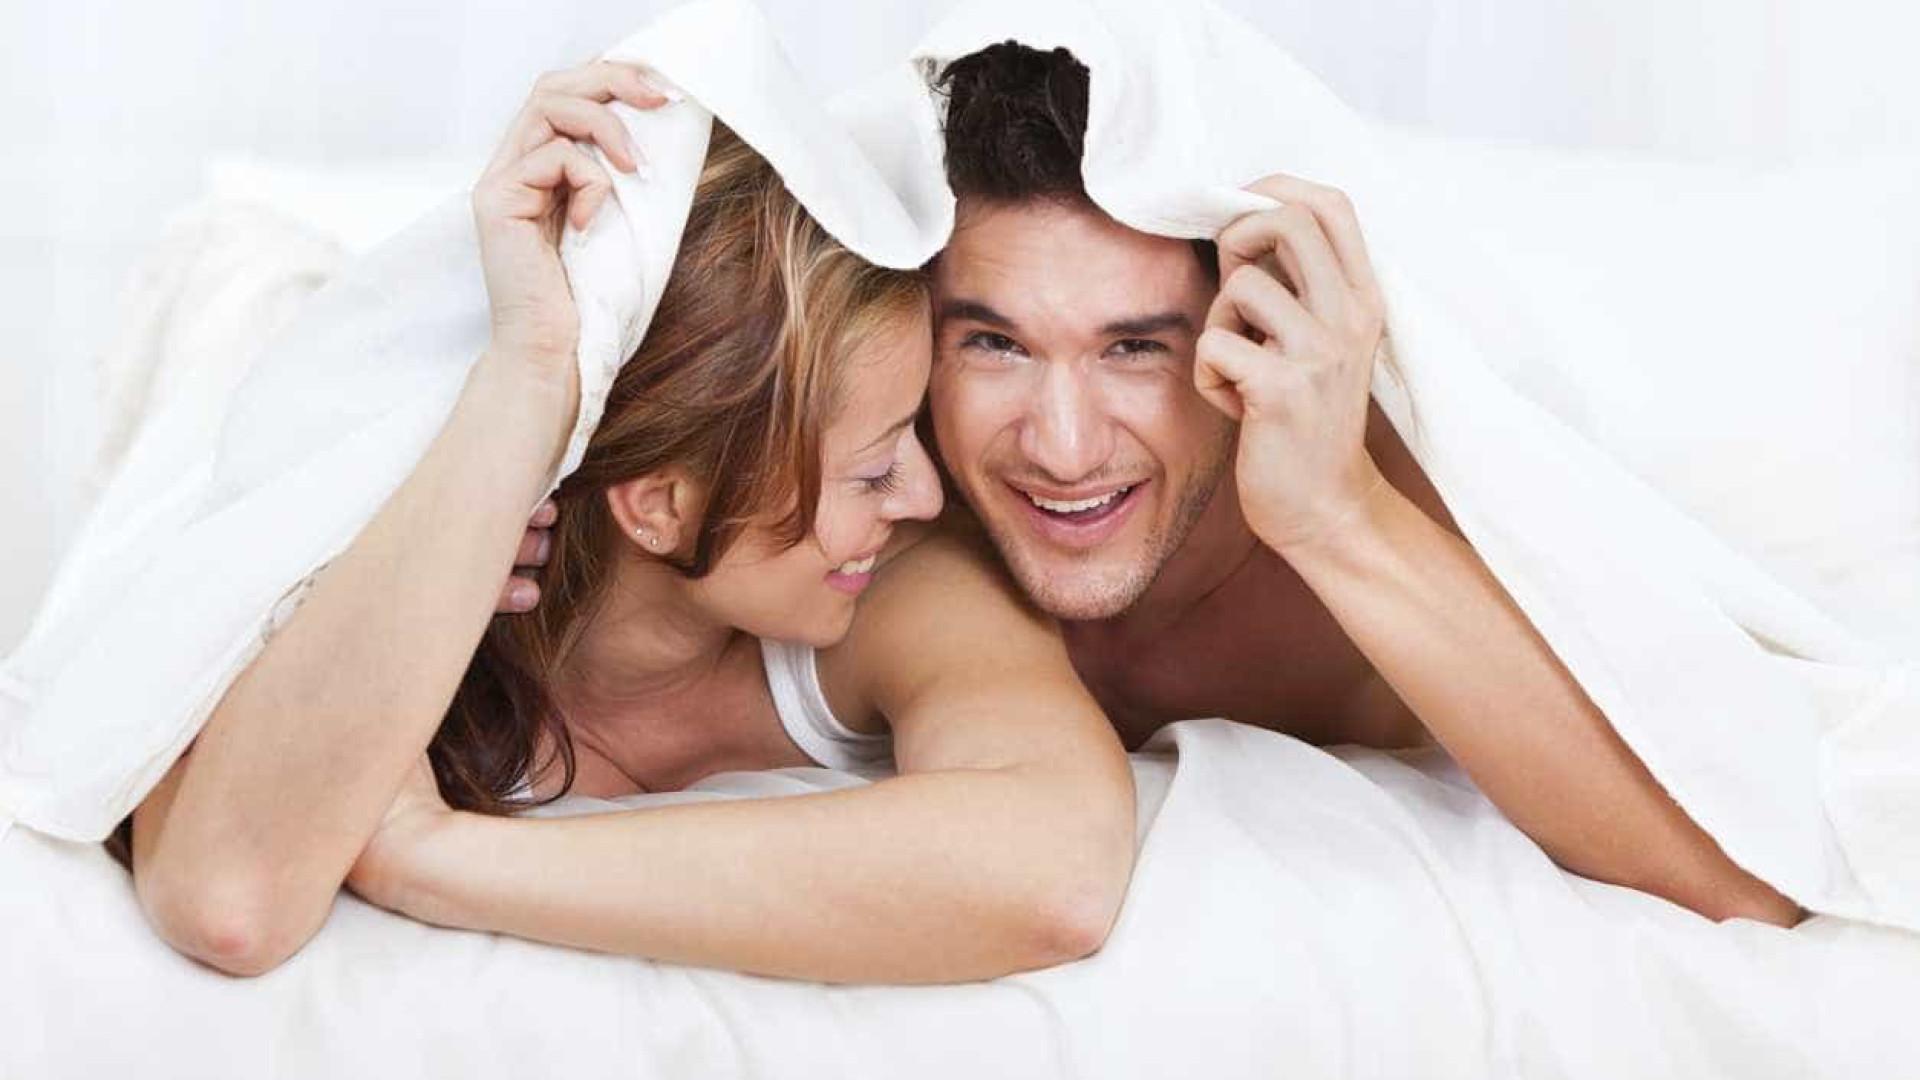 Satisfação sexual está associada à satisfação no relacionamento